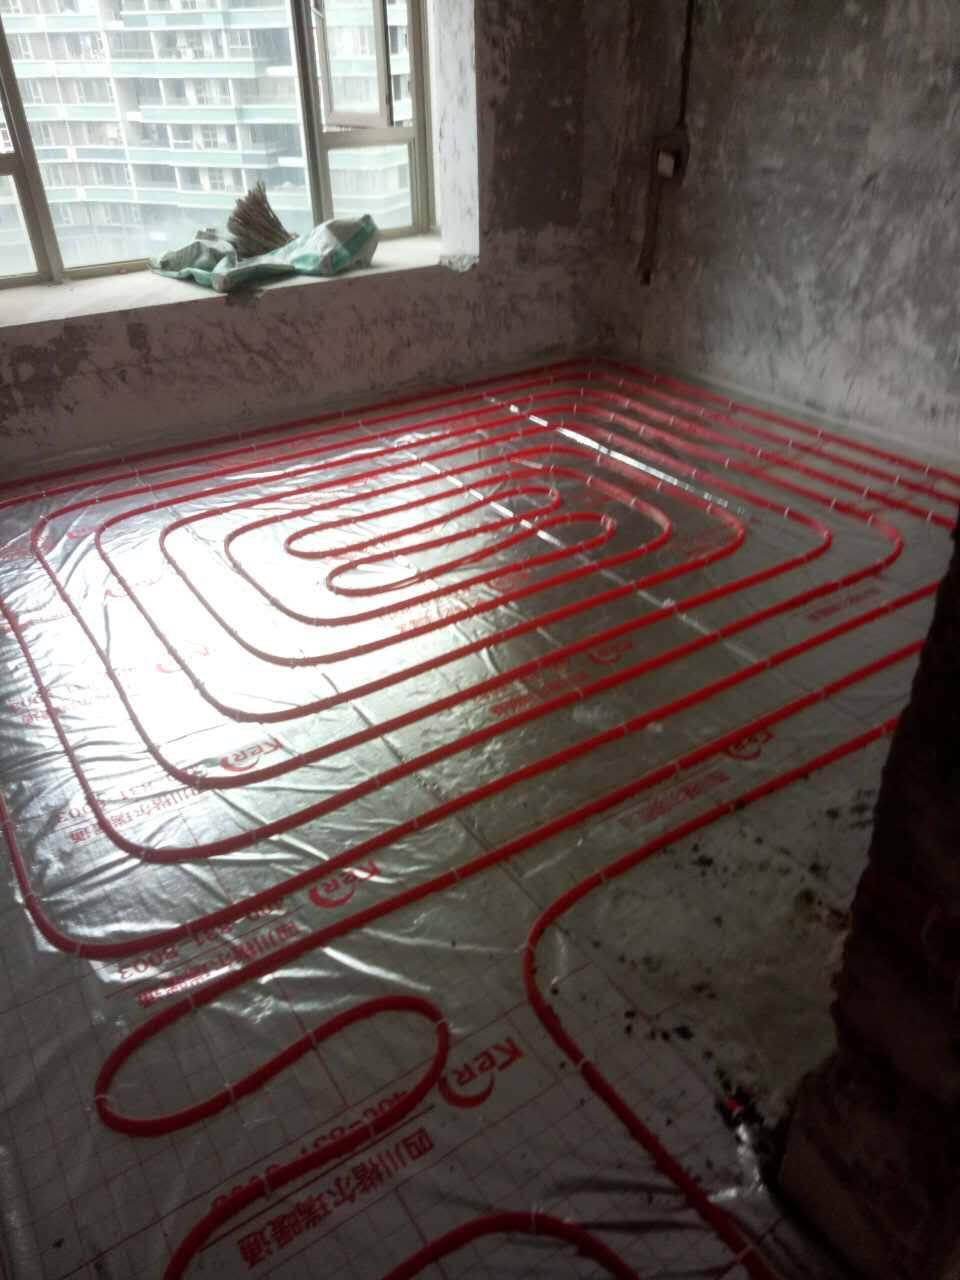 成都家用水地暖安装德国壁挂炉采暖系统家用锅炉水暖安装燃气壁挂炉水地暖模块安装家用采暖全套设备